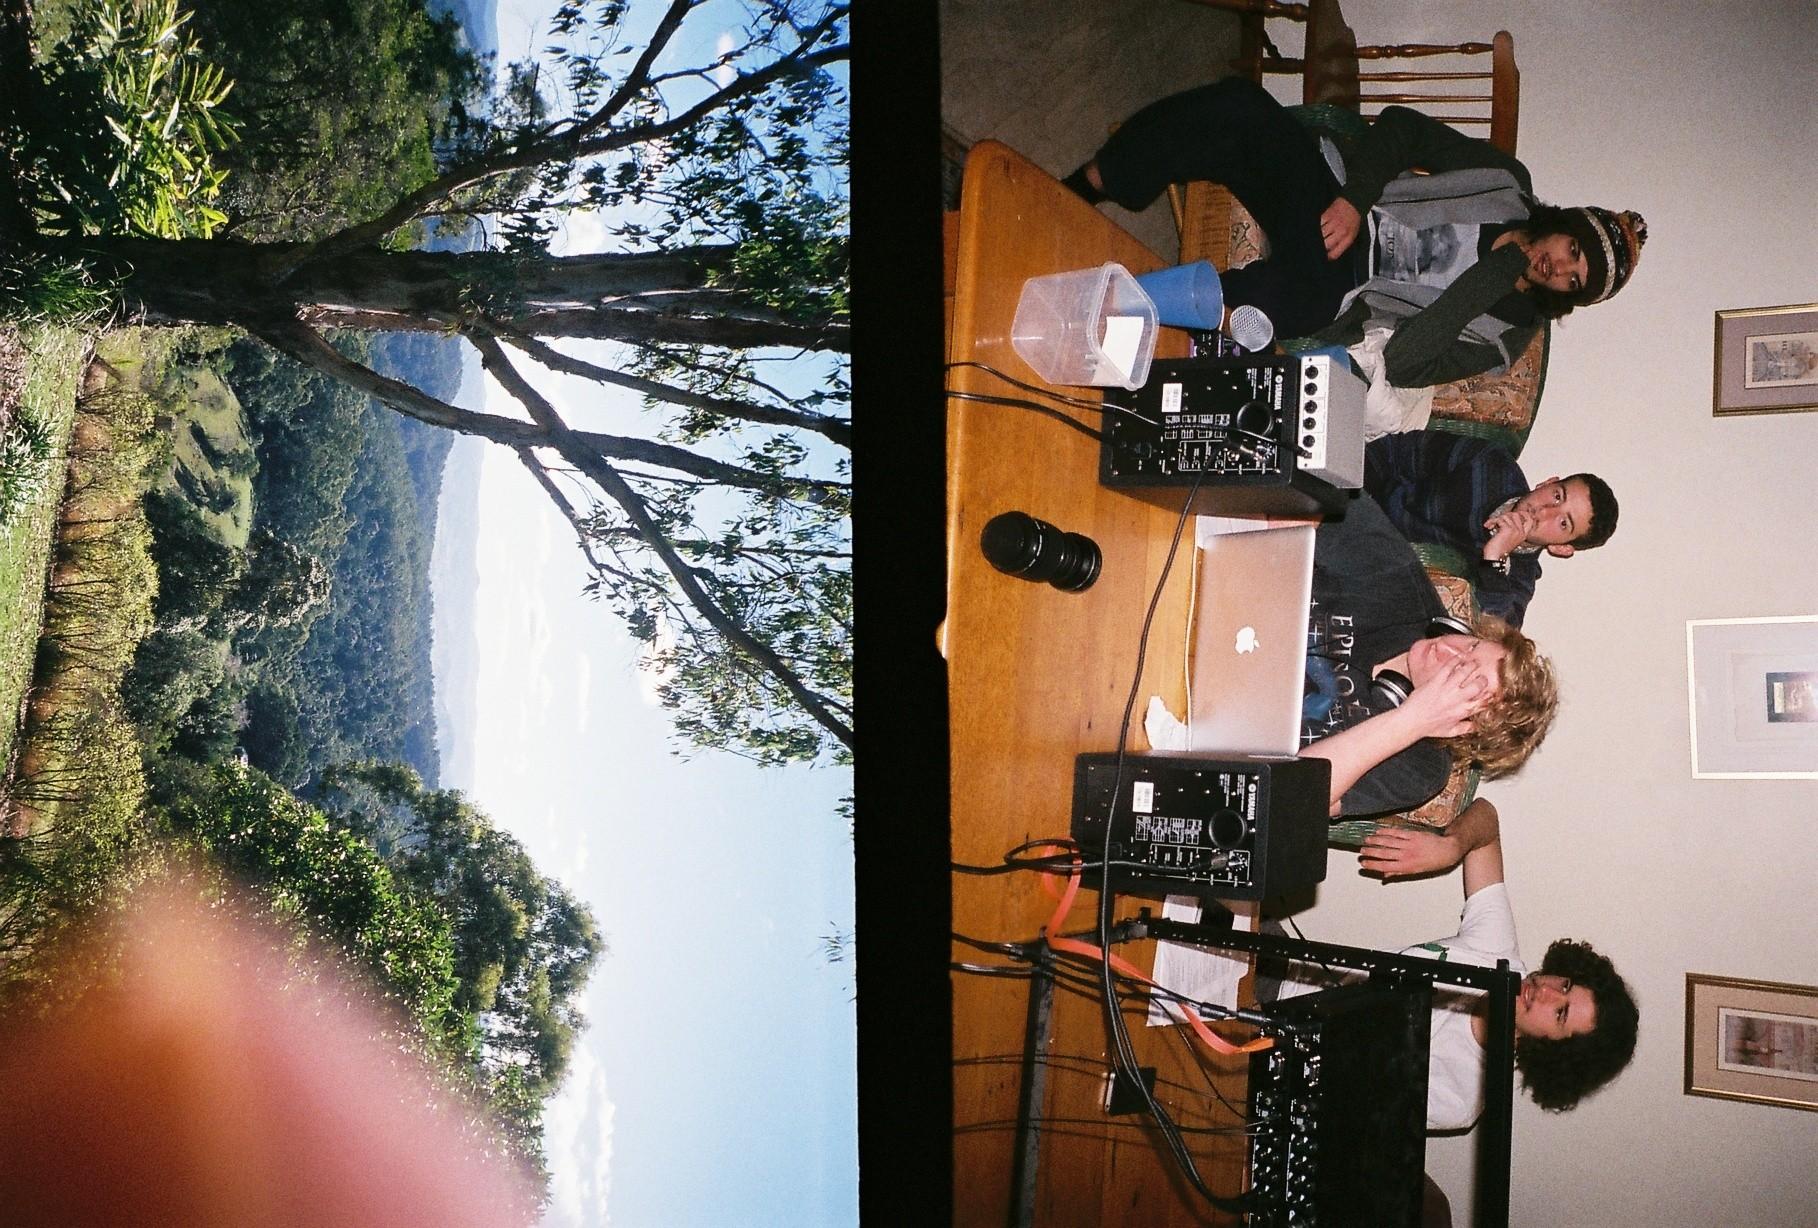 Maleny 2012 - GFilm #1.2